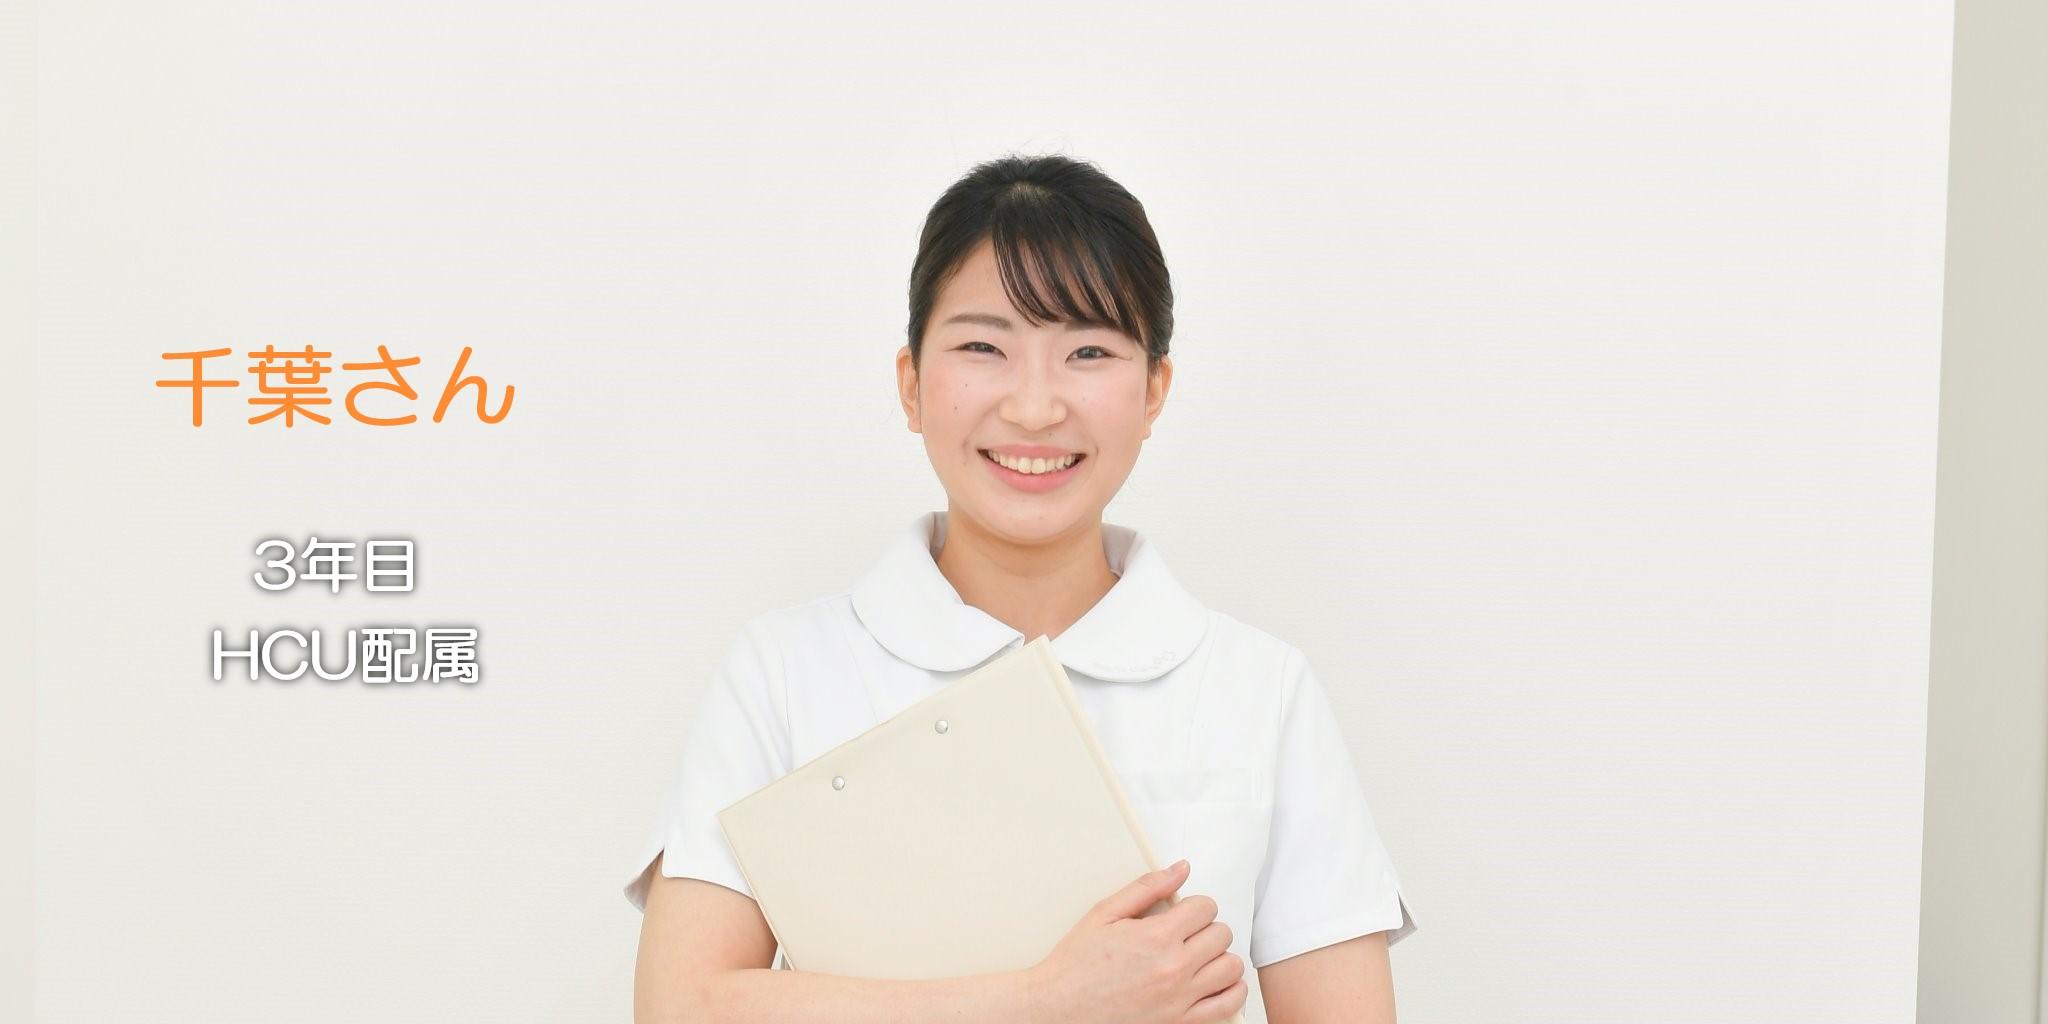 千葉さん 入職3年目